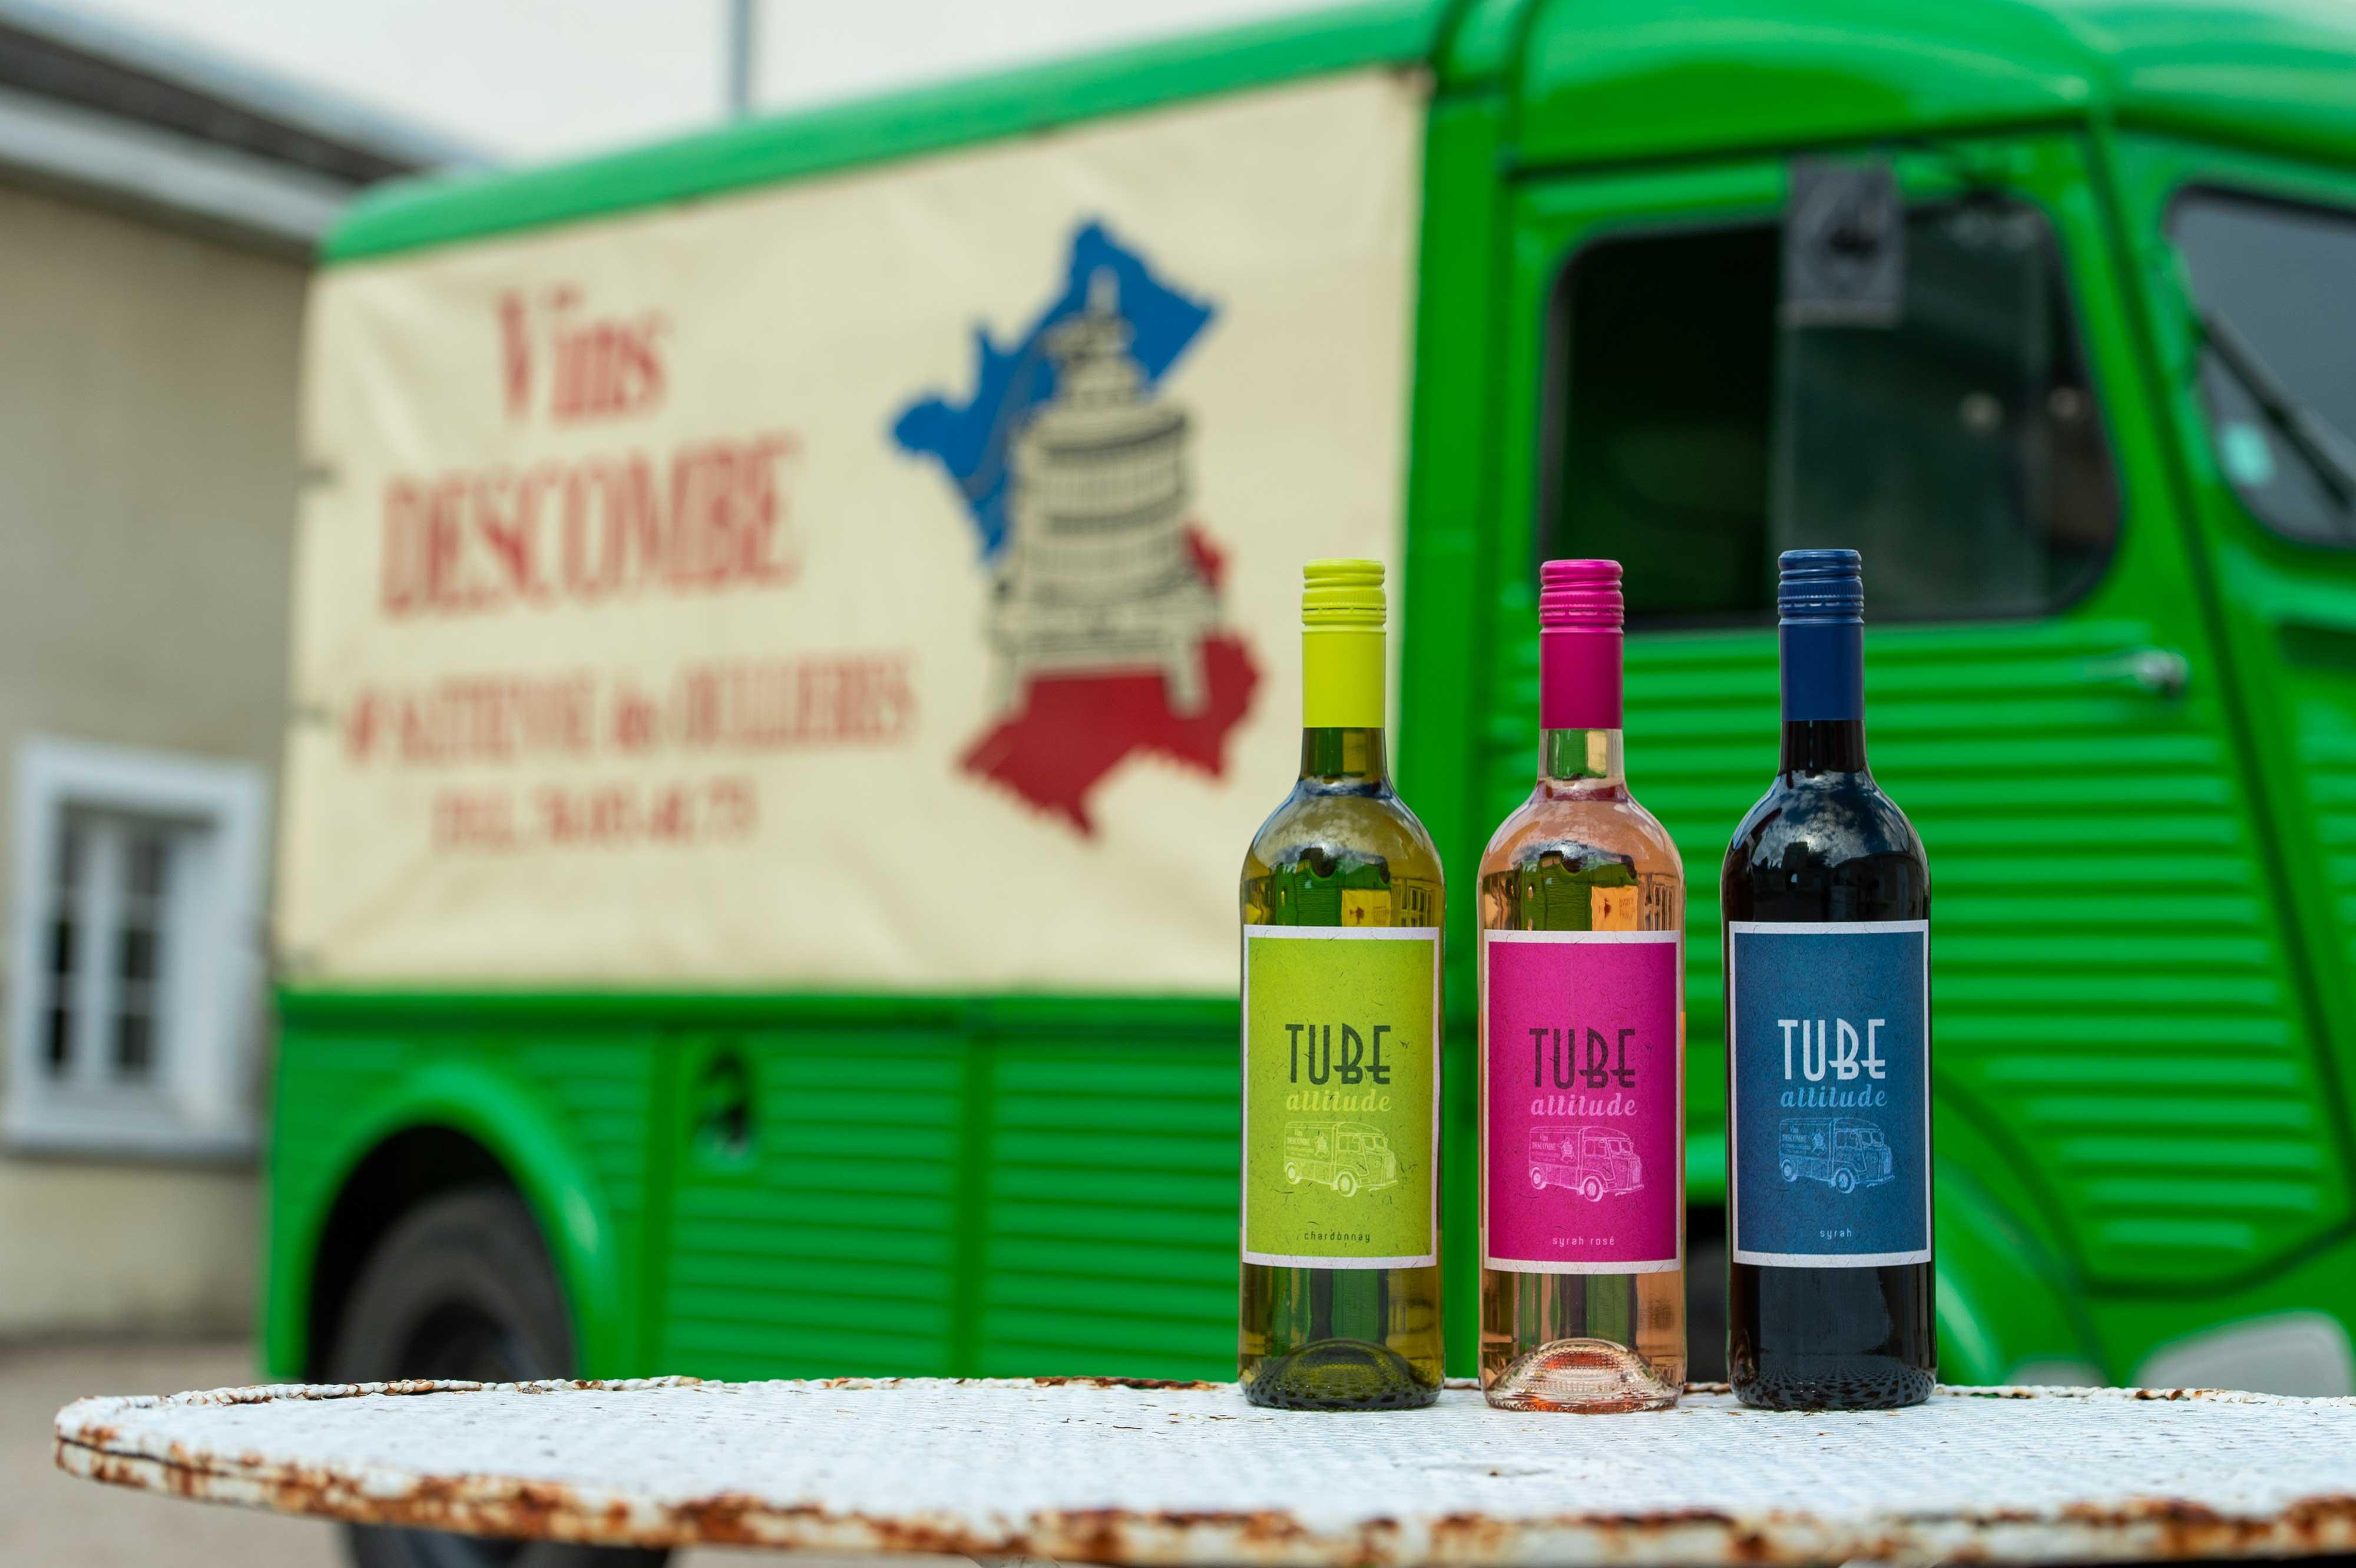 https://descombe.com/photos/blog/Tube_Citroen_Vins_Descombe_Beaujolais_domaine_viticole_producteur_recoltant_vin_france_rhone_auvergne_alpes_syrah_chardonnay_IGP_Oc-©FUSINA_Dominik.jpg